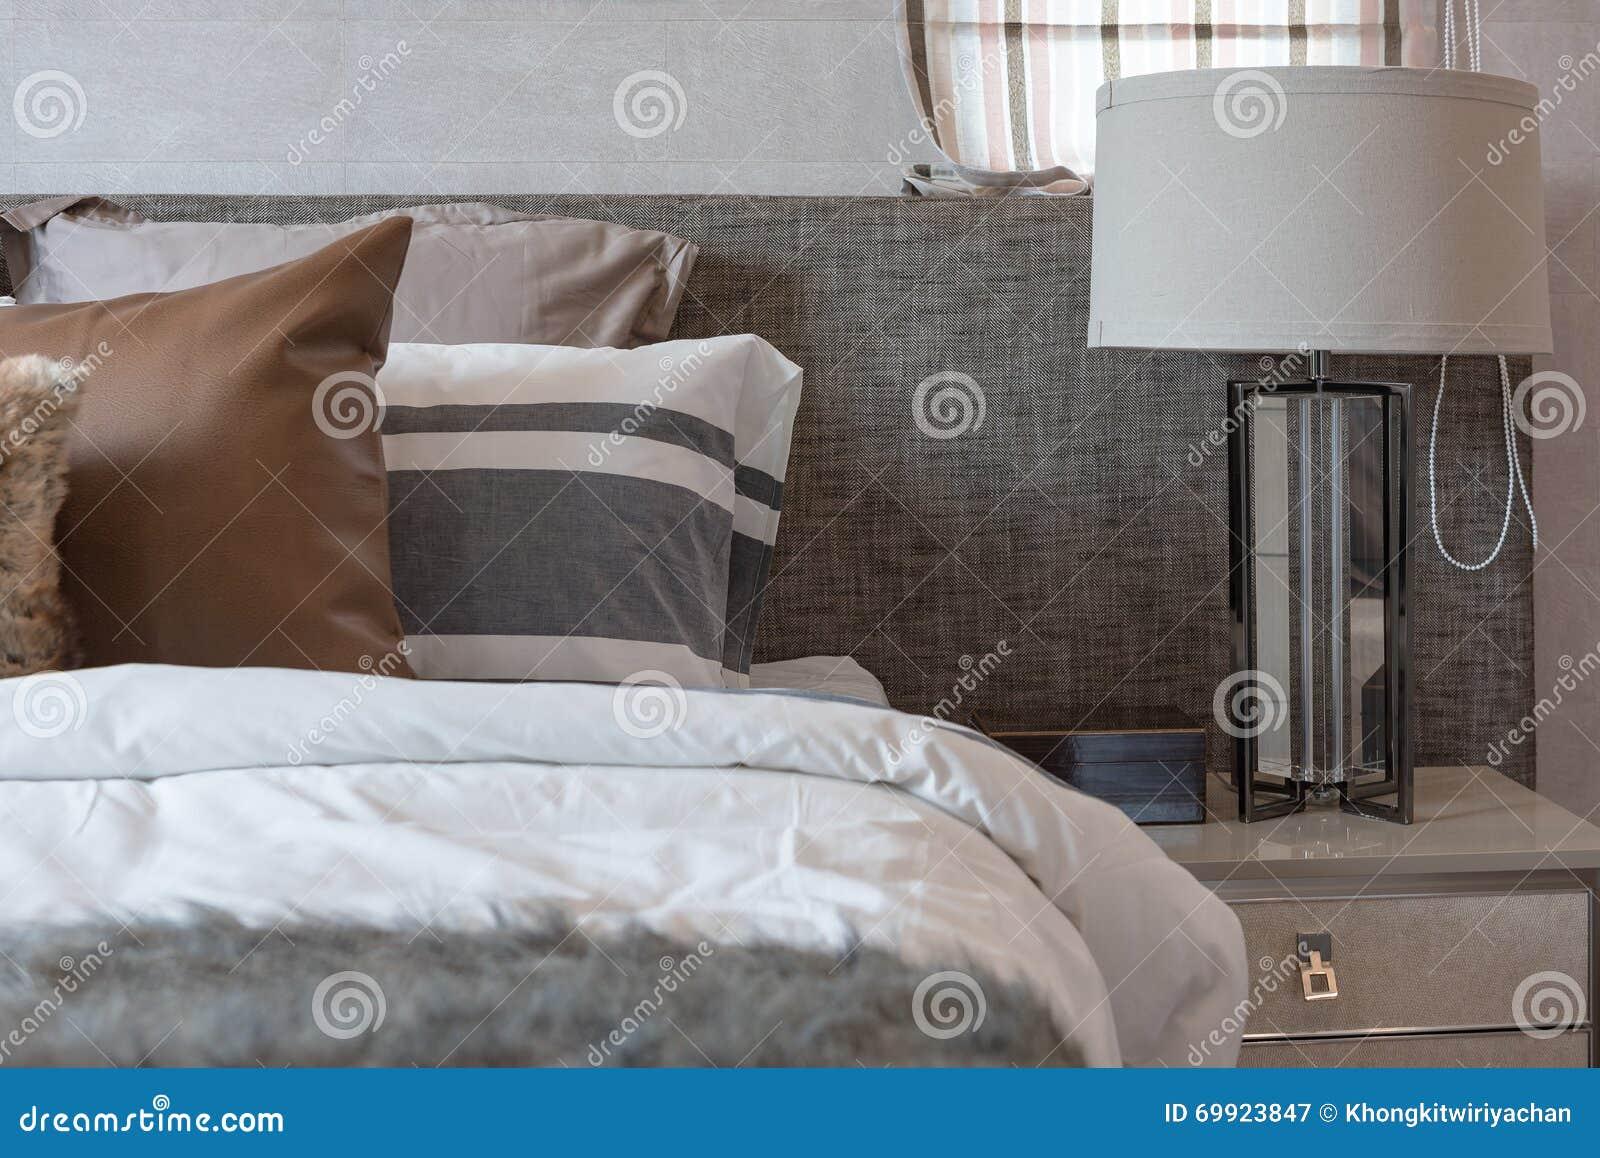 Lampada camera da letto moderna illuminazione camera da letto